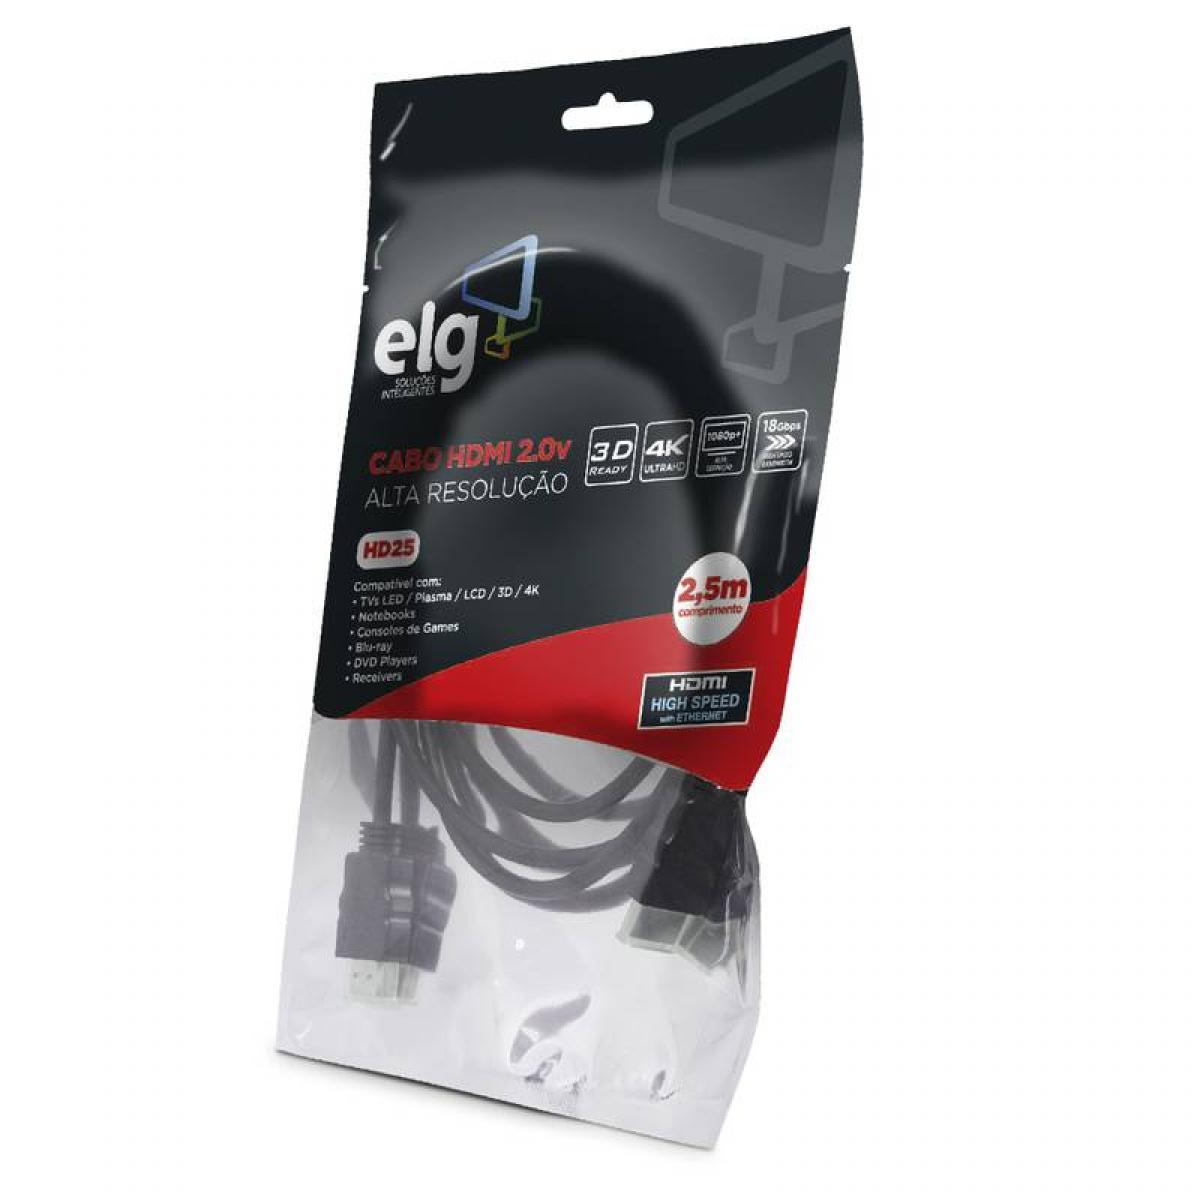 Cabo HDMI ELG 2.0, 4K ULTRA HD 3D, 2,5 Metros, HD25